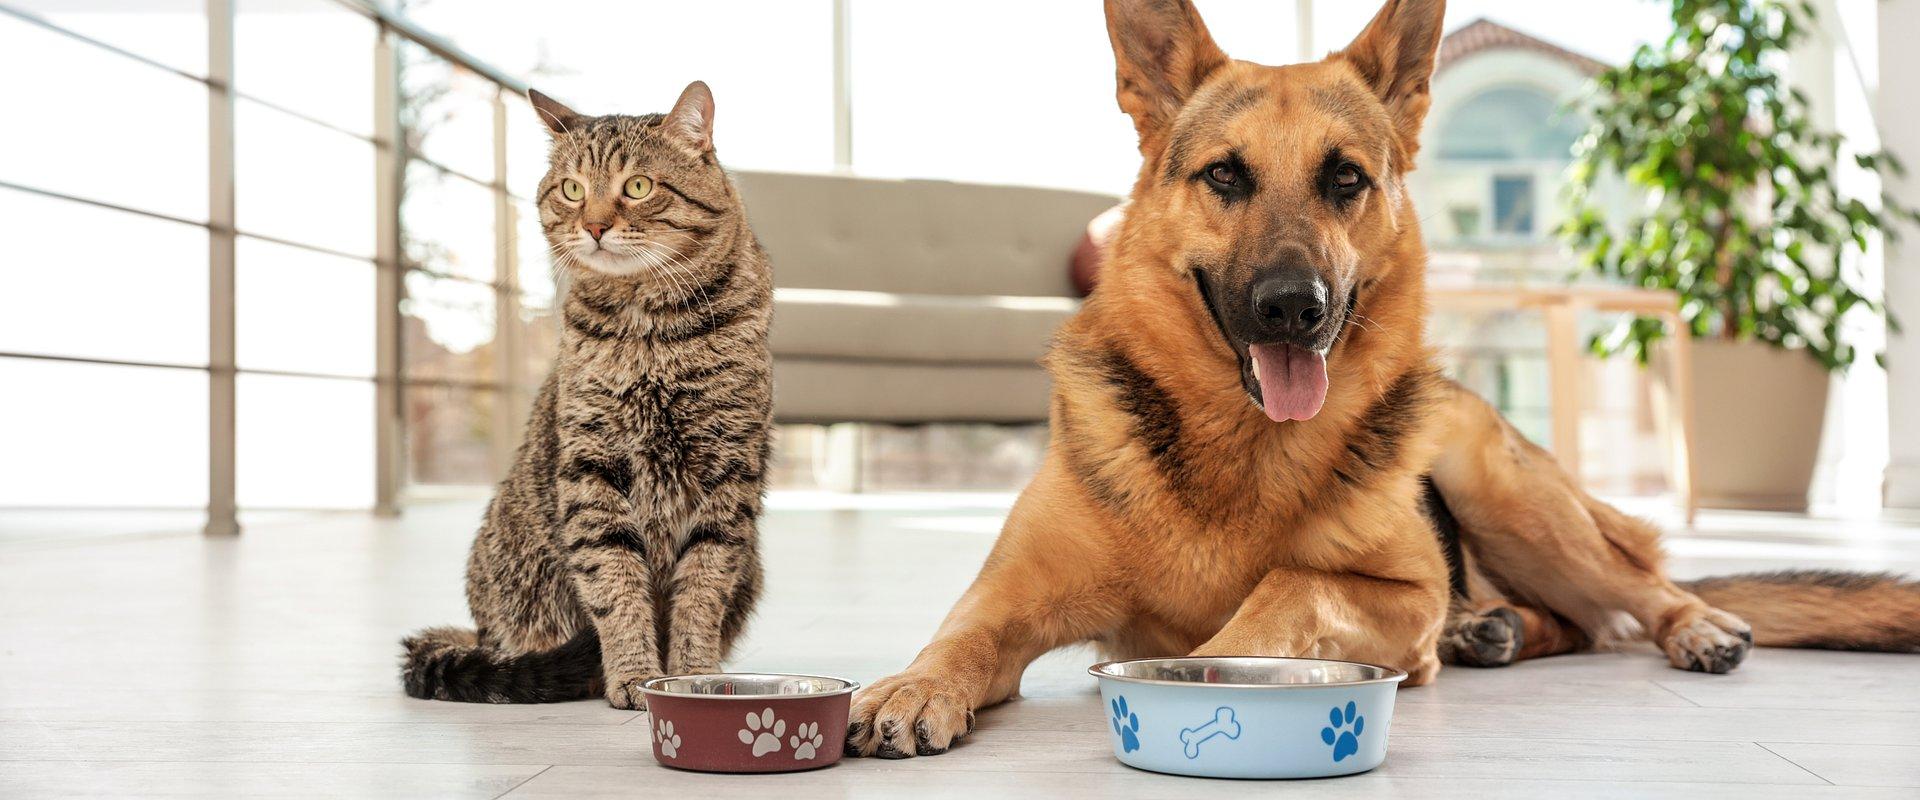 10 Pet Food Brands in Bulk Online